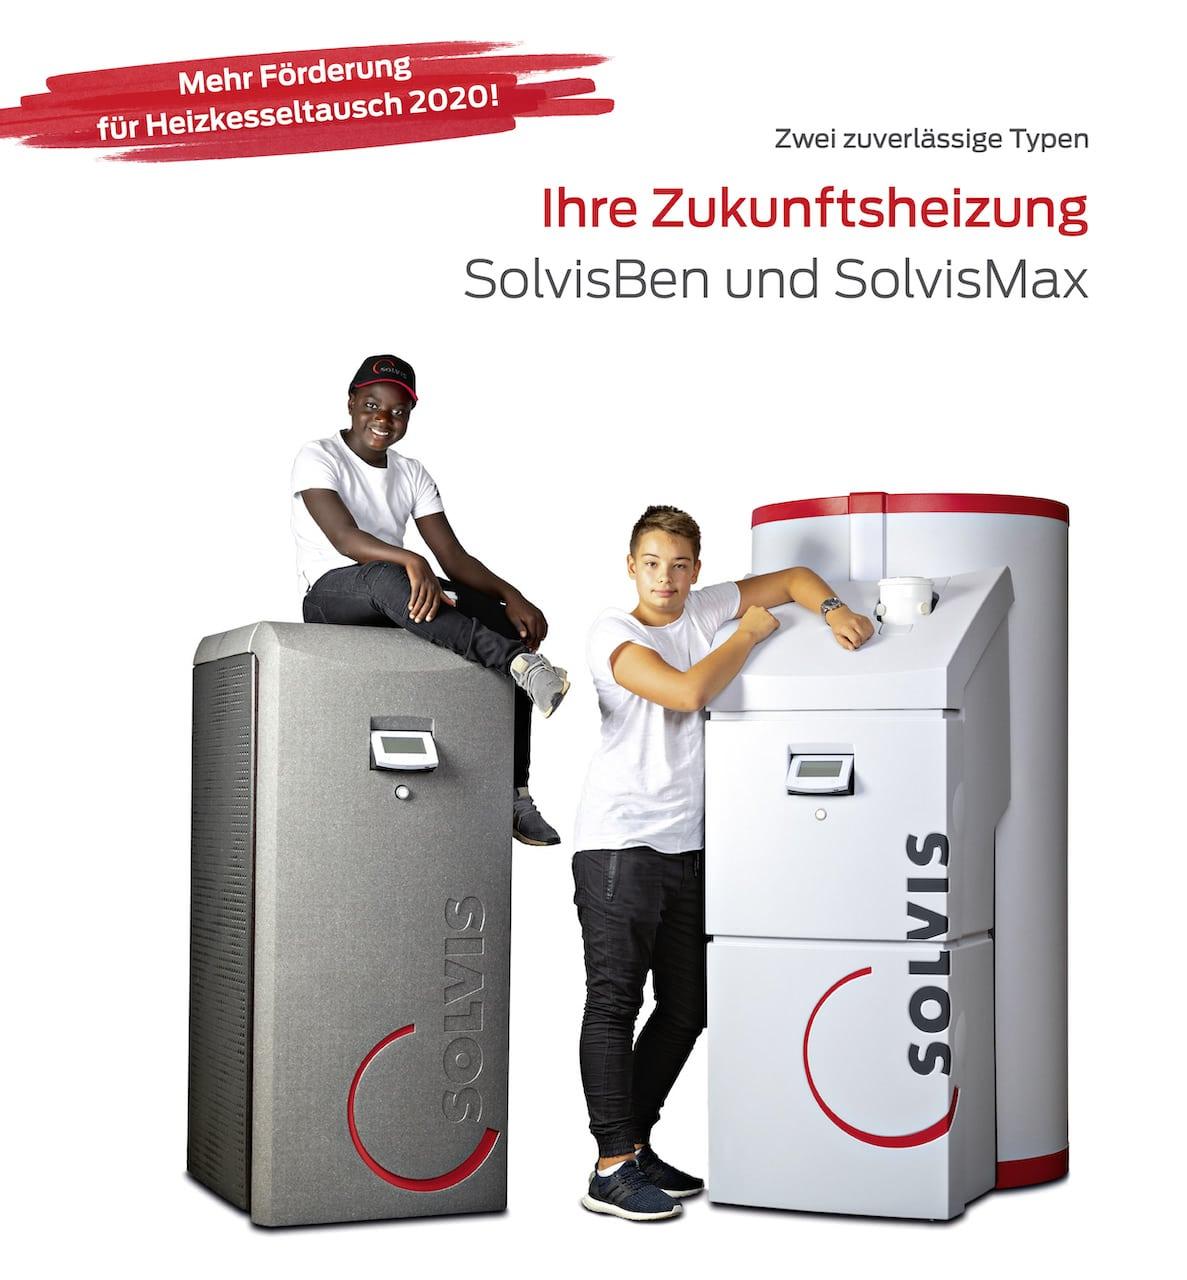 Foerderung Heizkesseltausch 2020 - HDG F Scheitholzkessel 20-30 KW